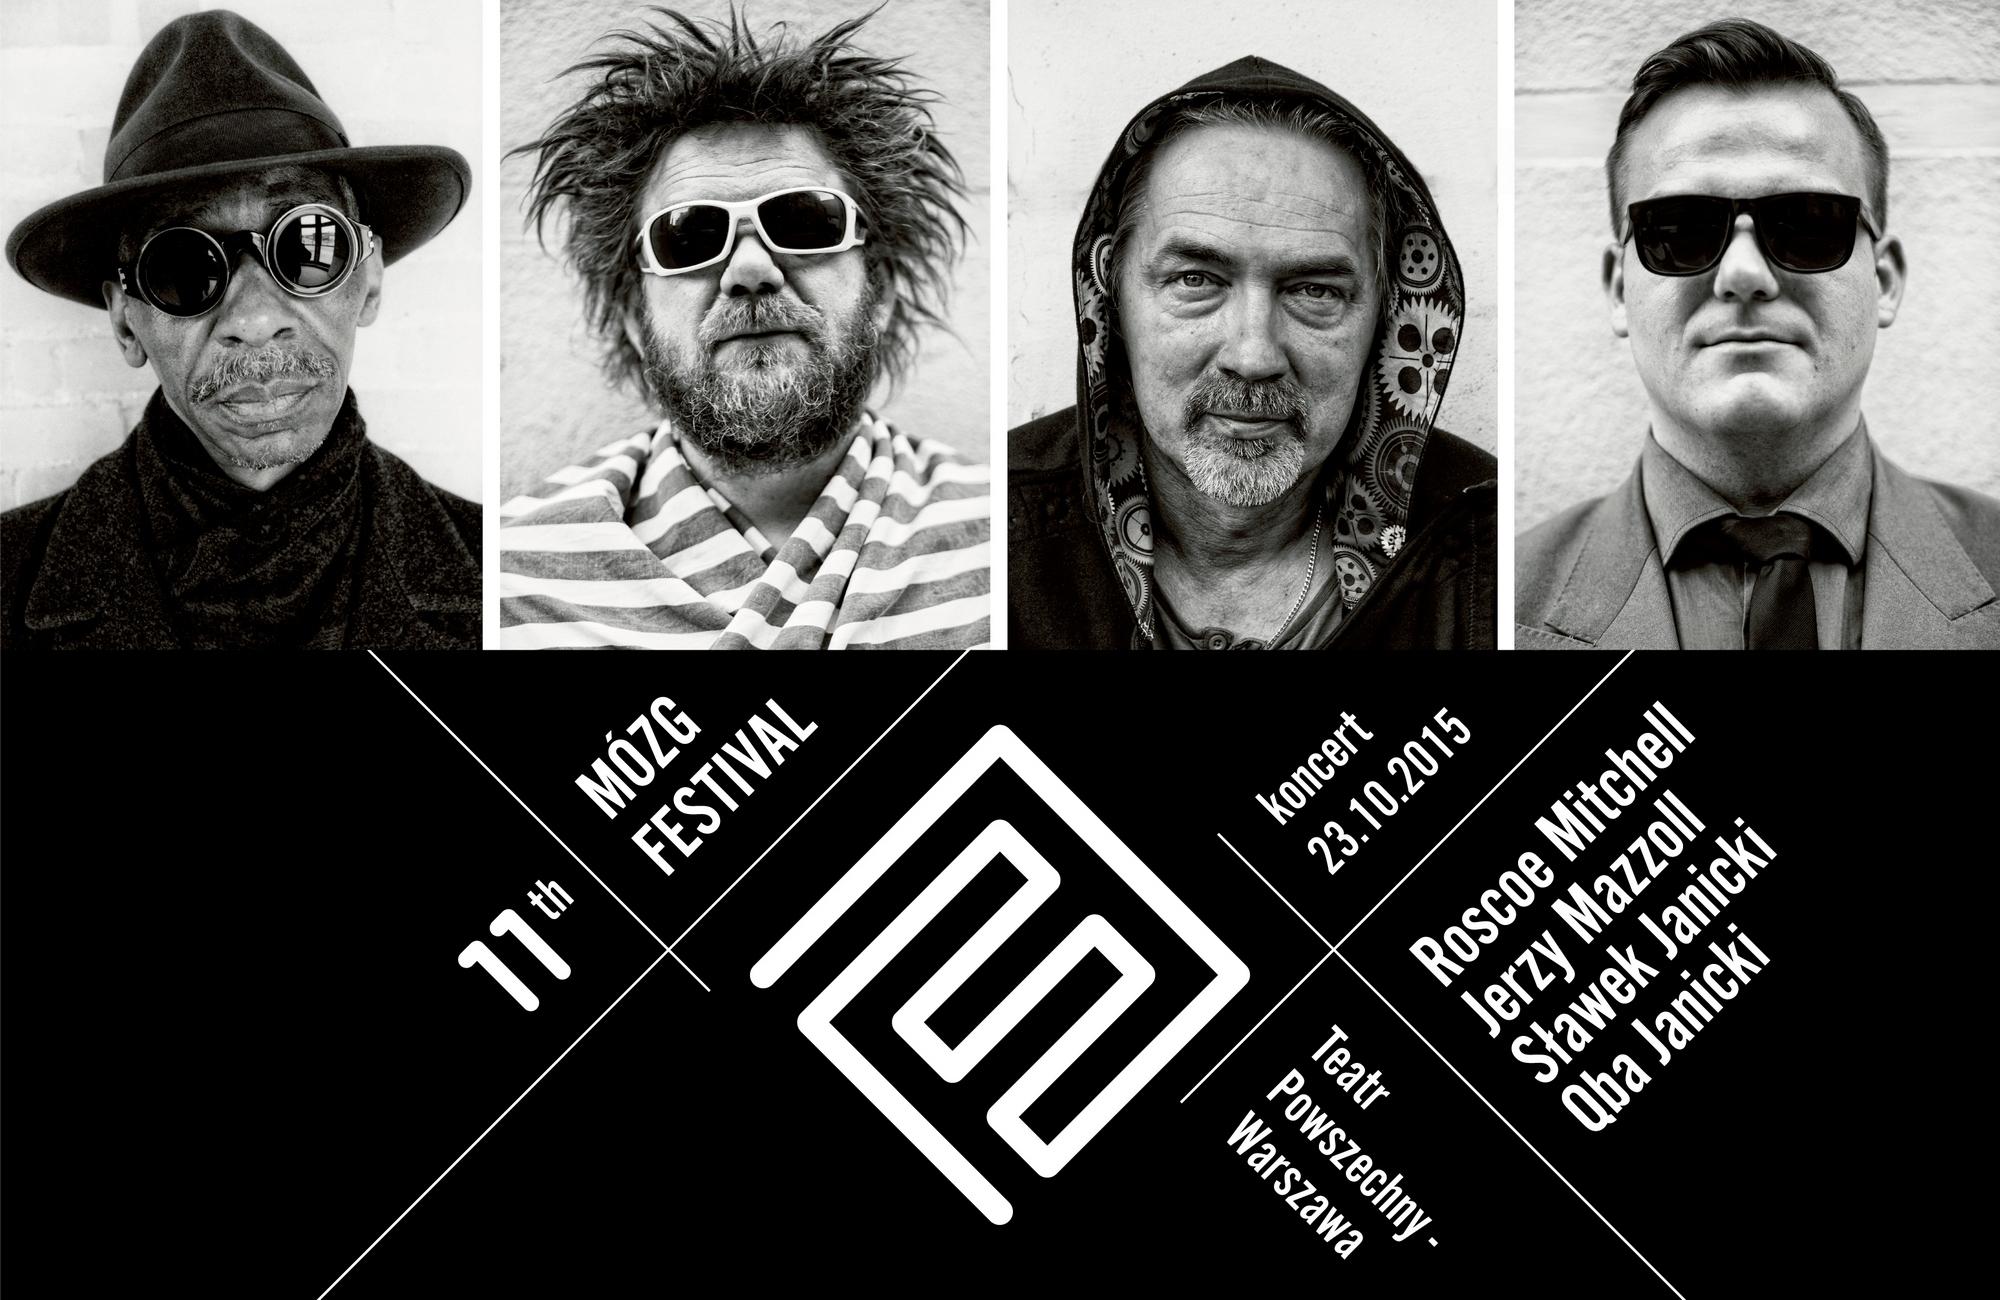 Koncert Roscoe Mitchell / Jerzy Mazzoll / Sławek Janicki / Qba Janicki (źródło: materiały prasowe organizatora)